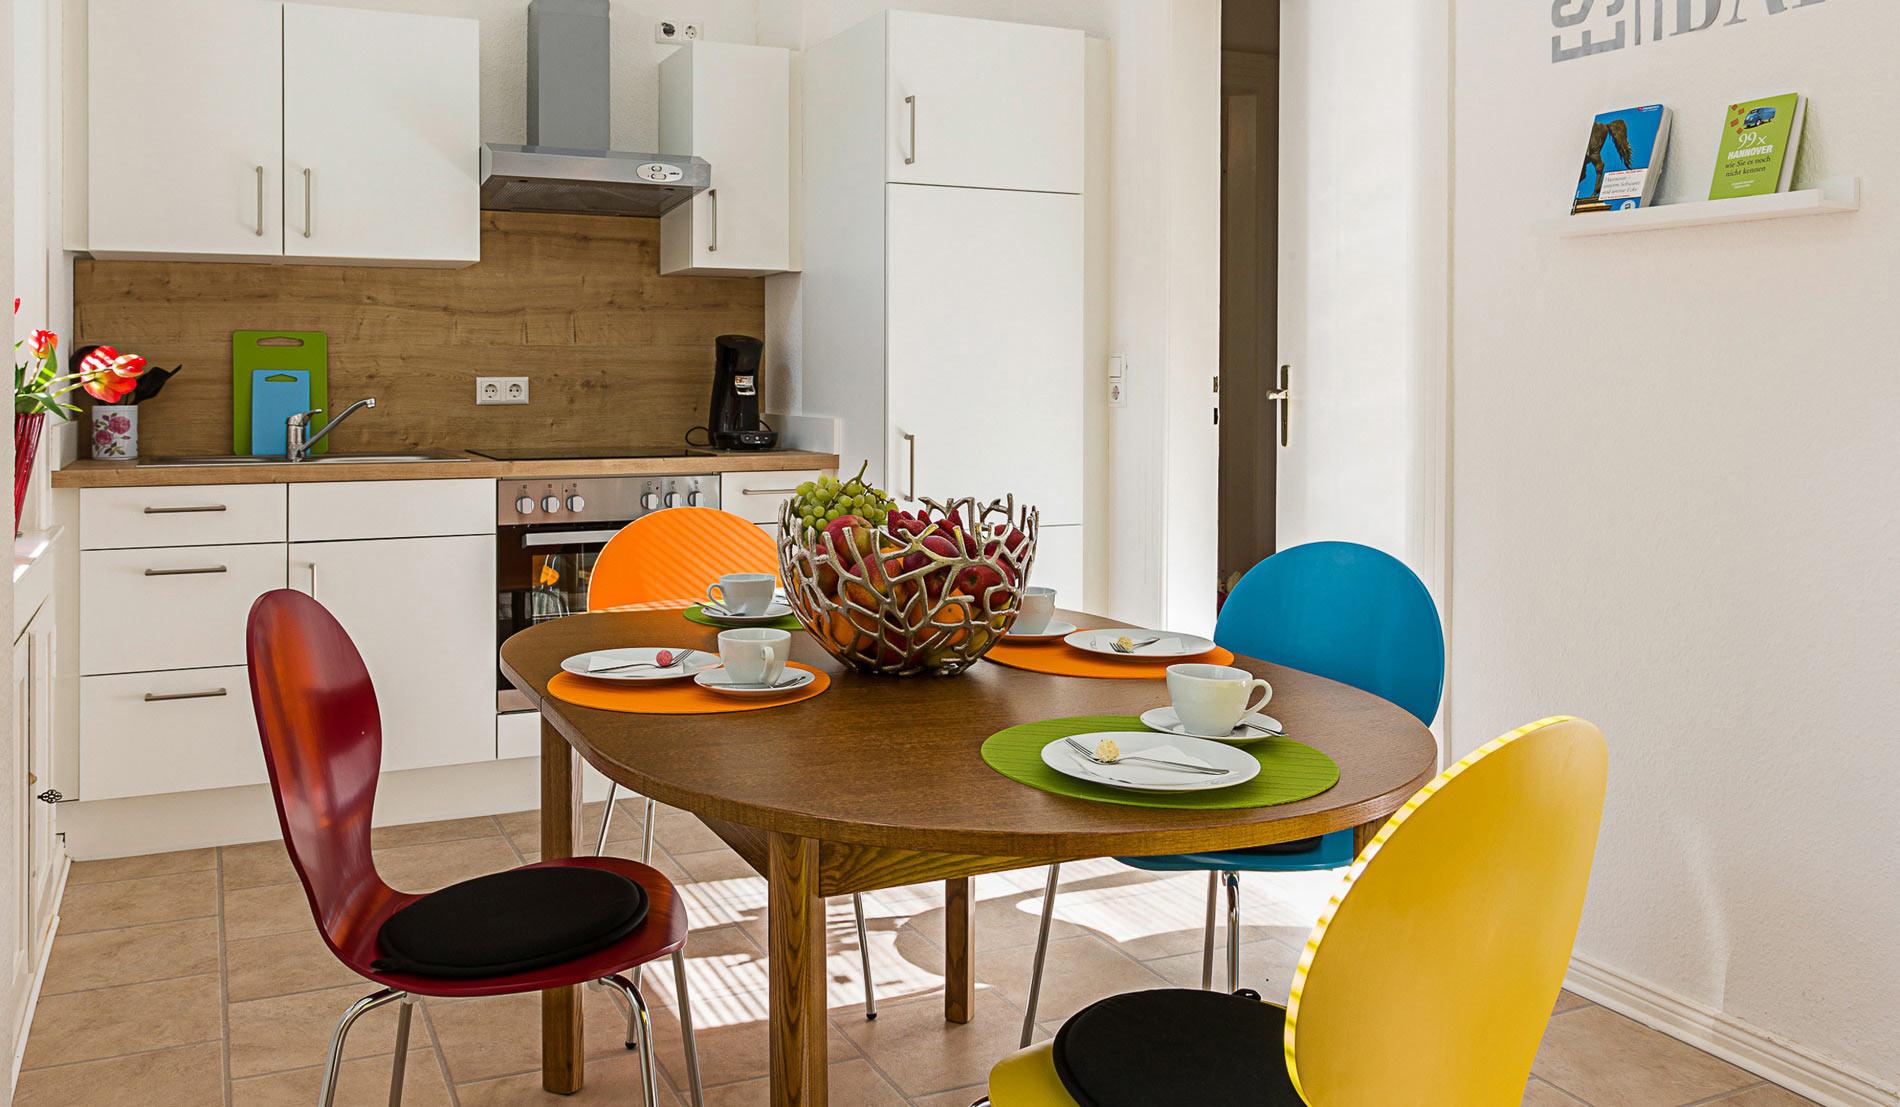 aktuelles zum thema home staging stilvertrauen hannover. Black Bedroom Furniture Sets. Home Design Ideas